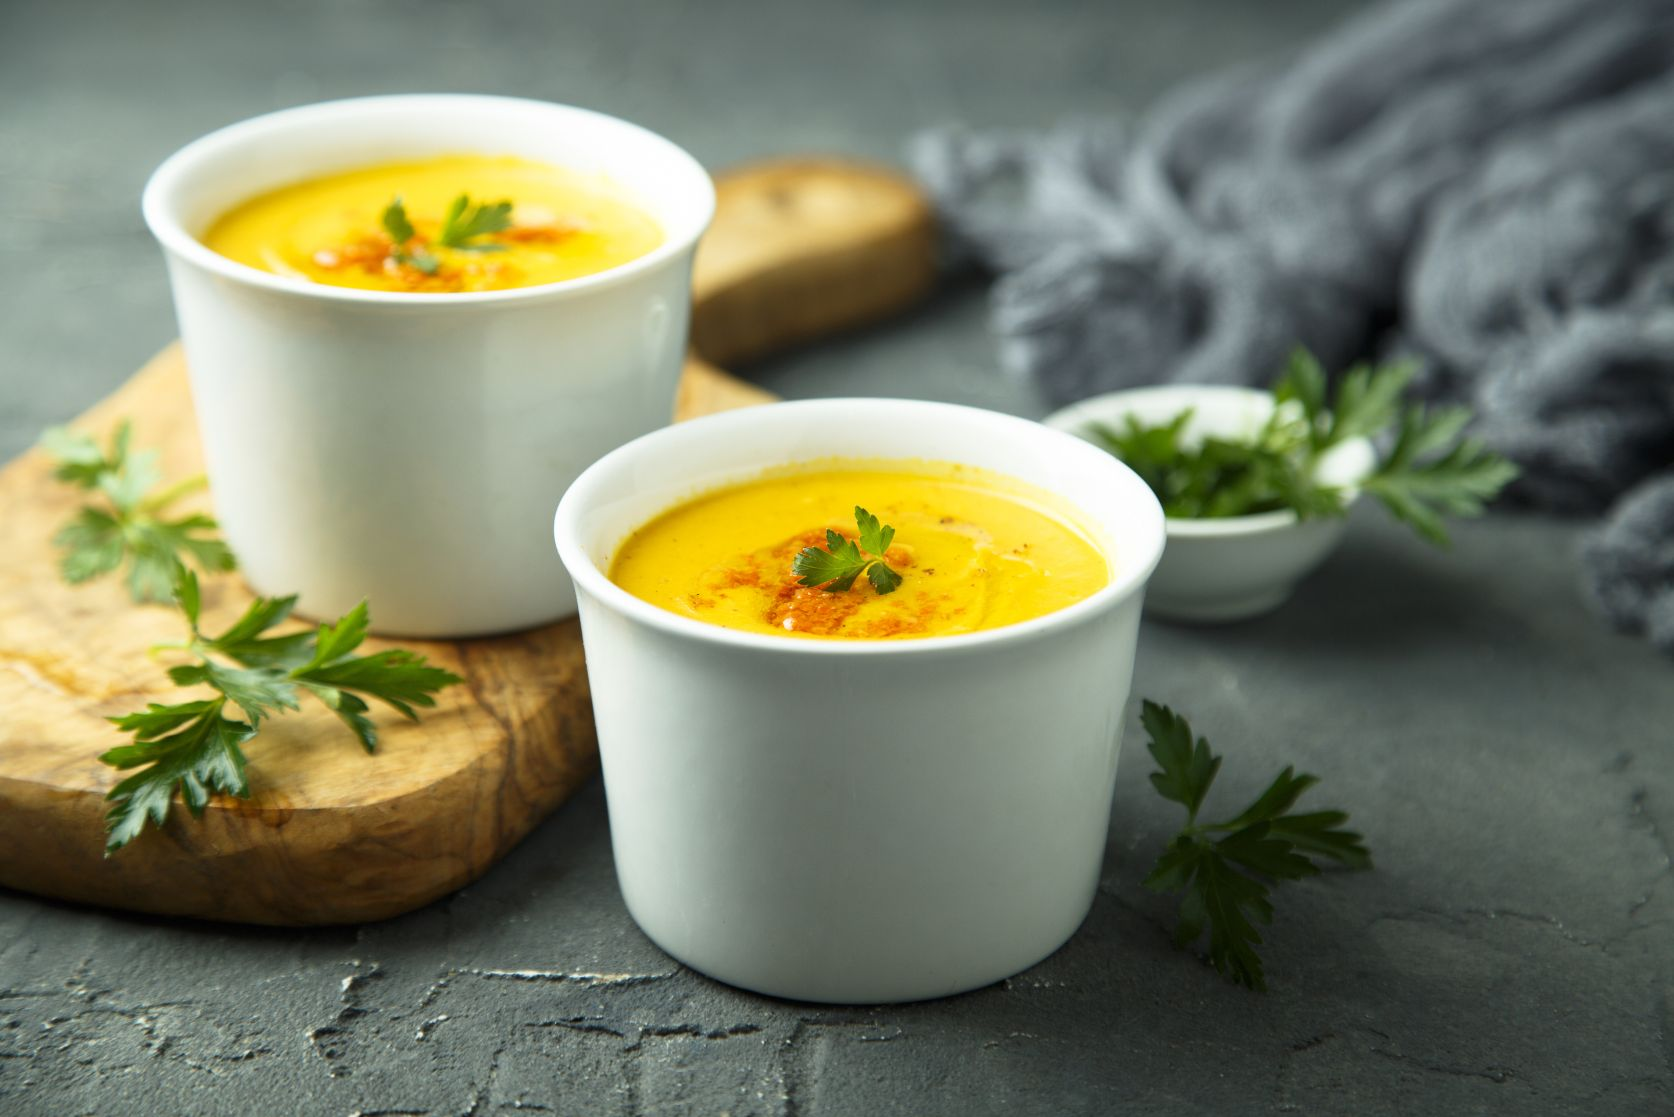 じゃがいもやかぼちゃのスープ玉